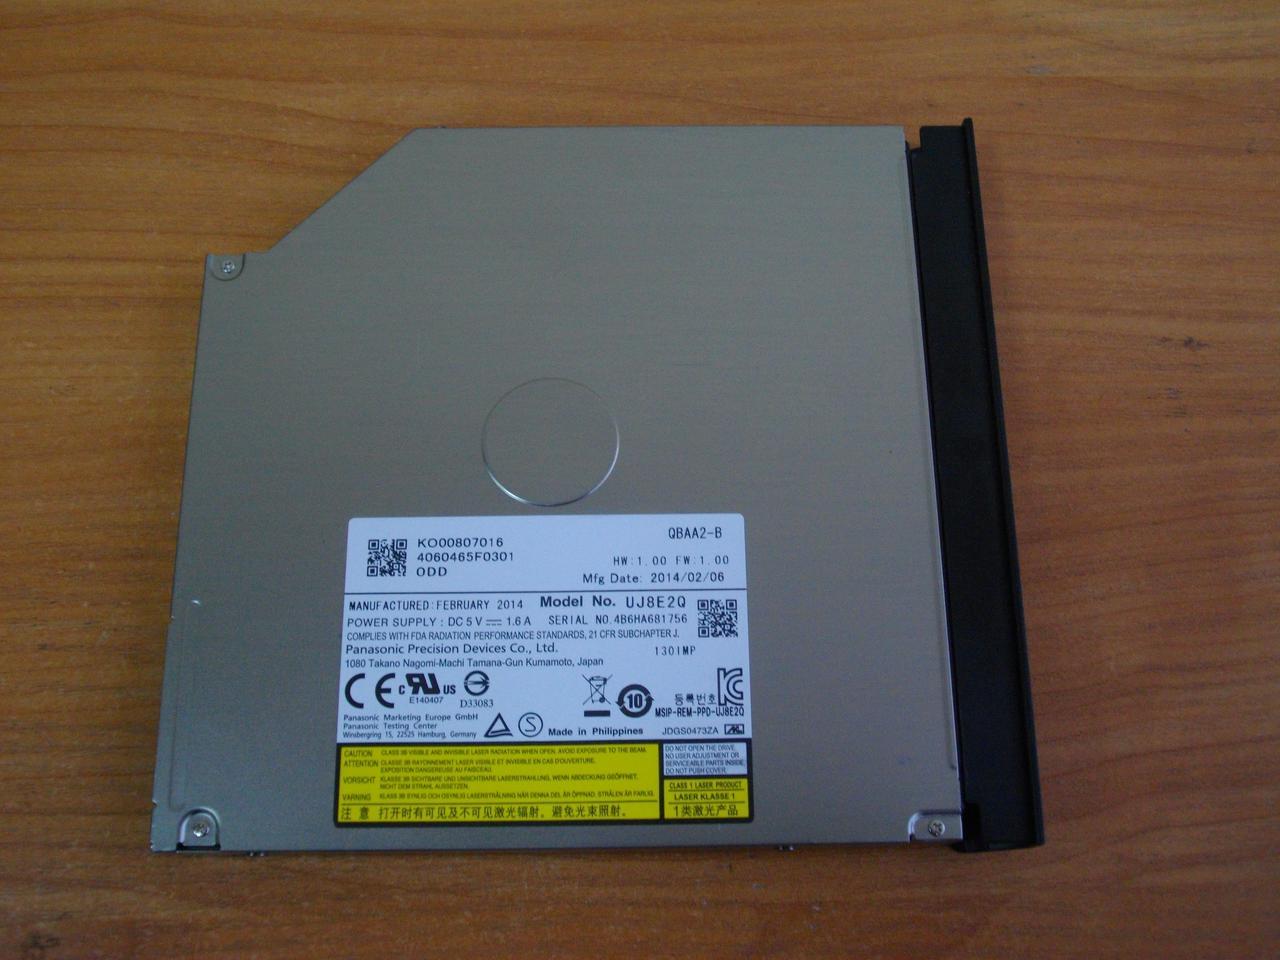 Дисковод, оптический привод DVD CD RW Gateway MS2370, NE522, NE52224u